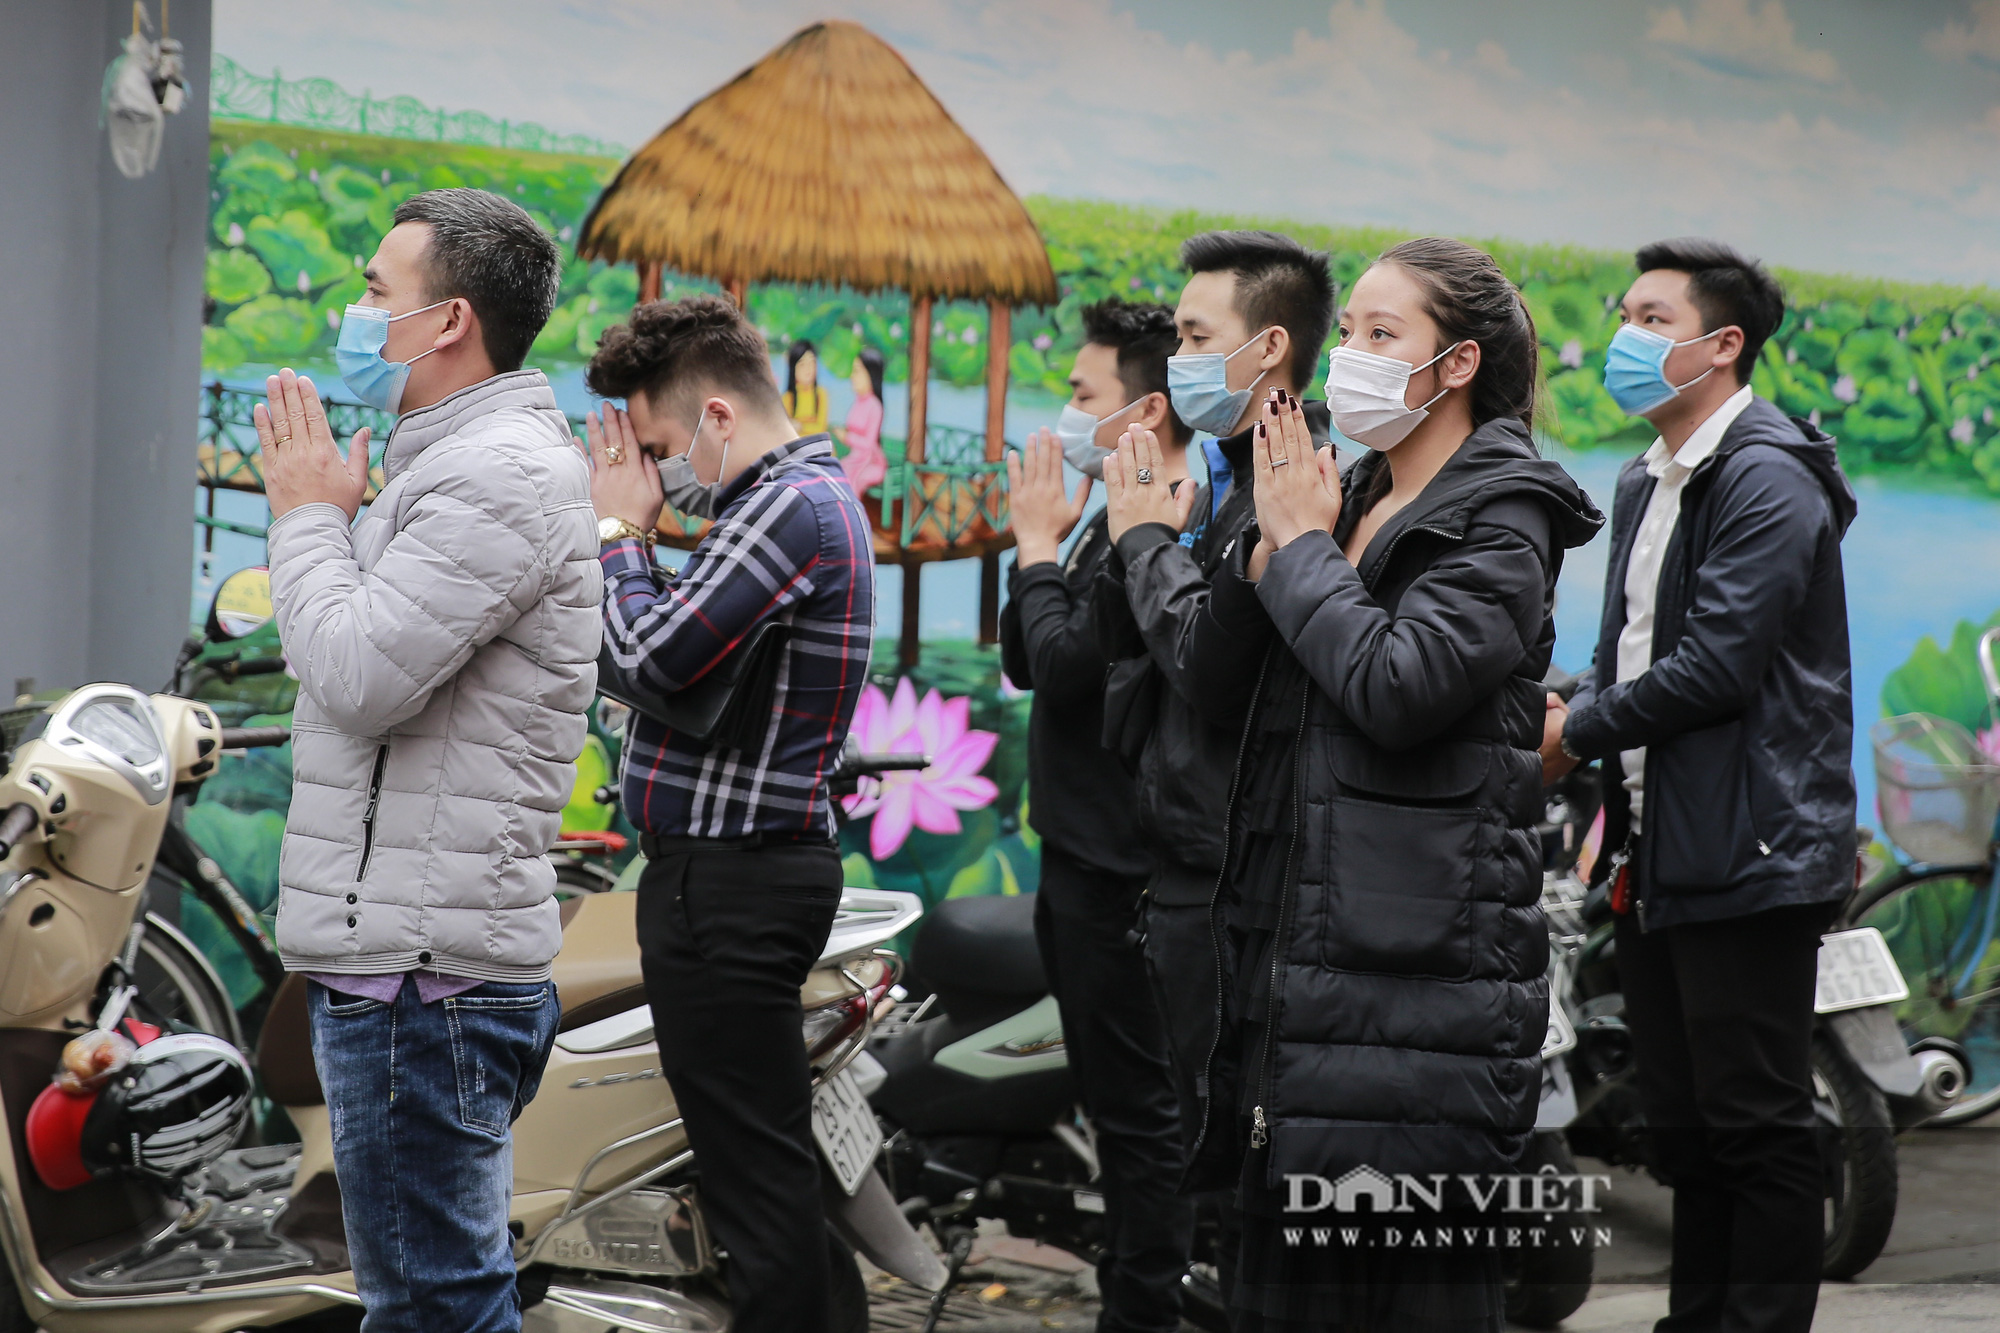 Công an gác cổng, người dân lập bàn vái vọng trước đền chùa ngày Rằm tháng Giêng - Ảnh 6.